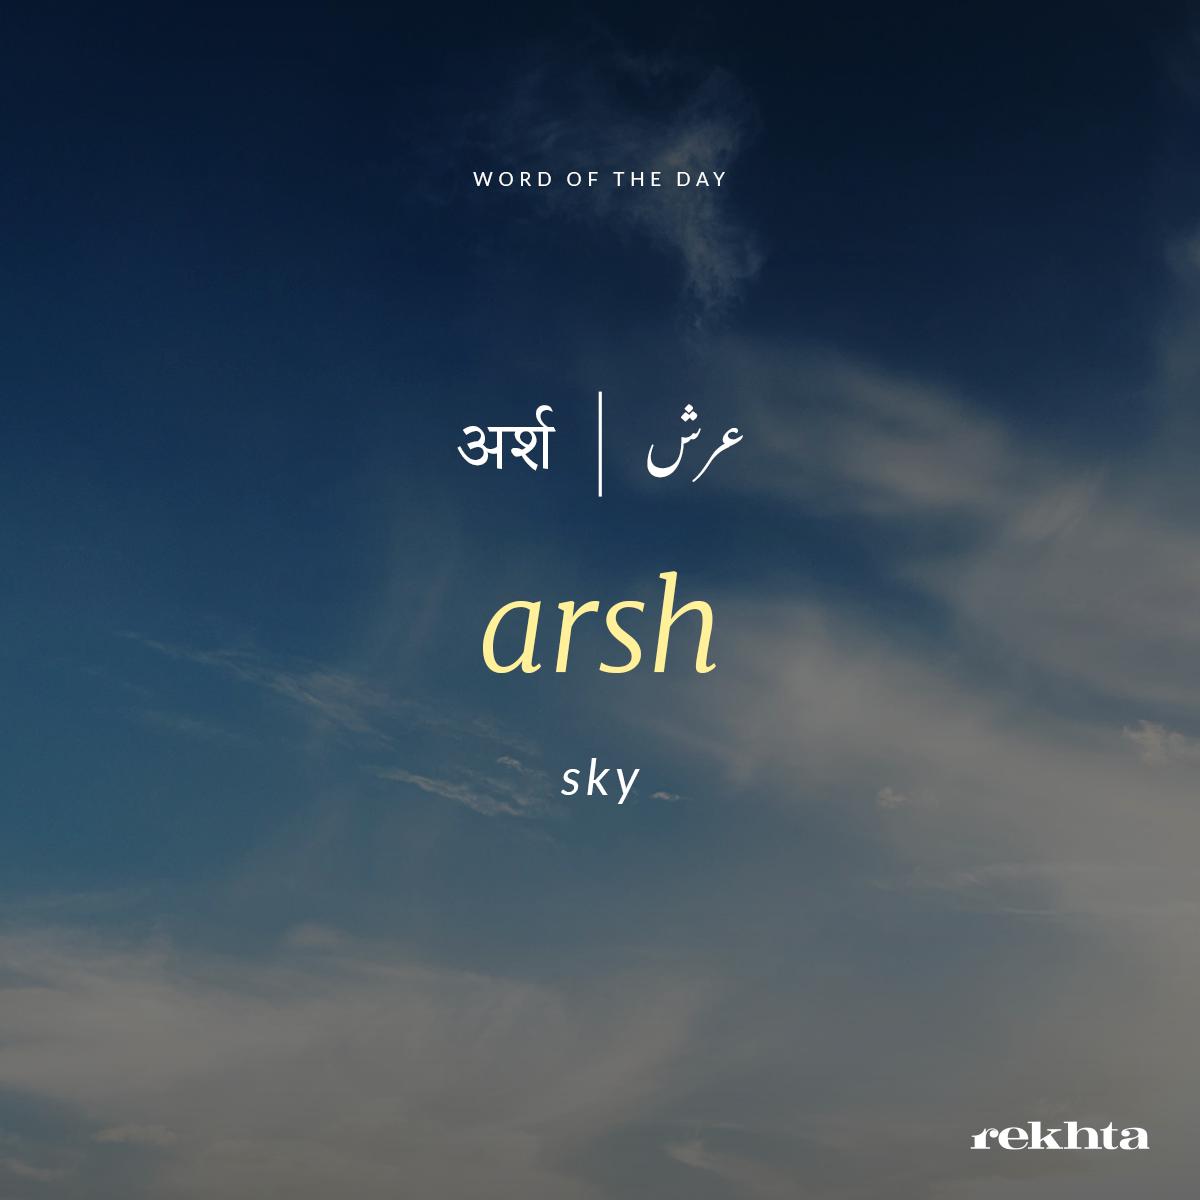 Pin By Anchaly On Urdu Urdu Words Urdu Love Words Unusual Words